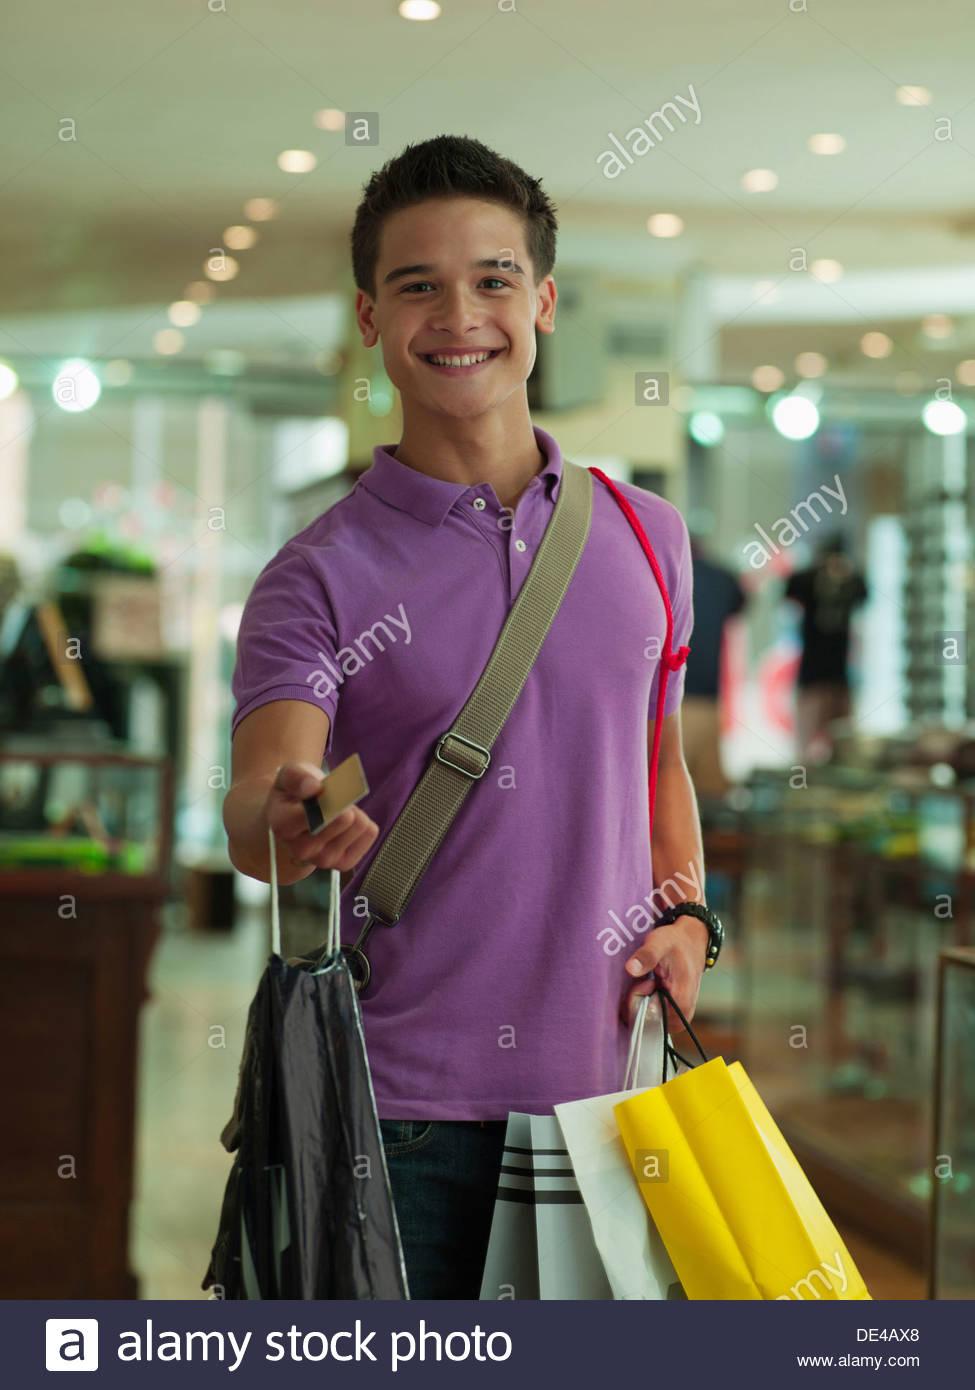 Uomo sorridente visualizzare carta di credito con il trasporto delle borse della spesa in negozio Immagini Stock